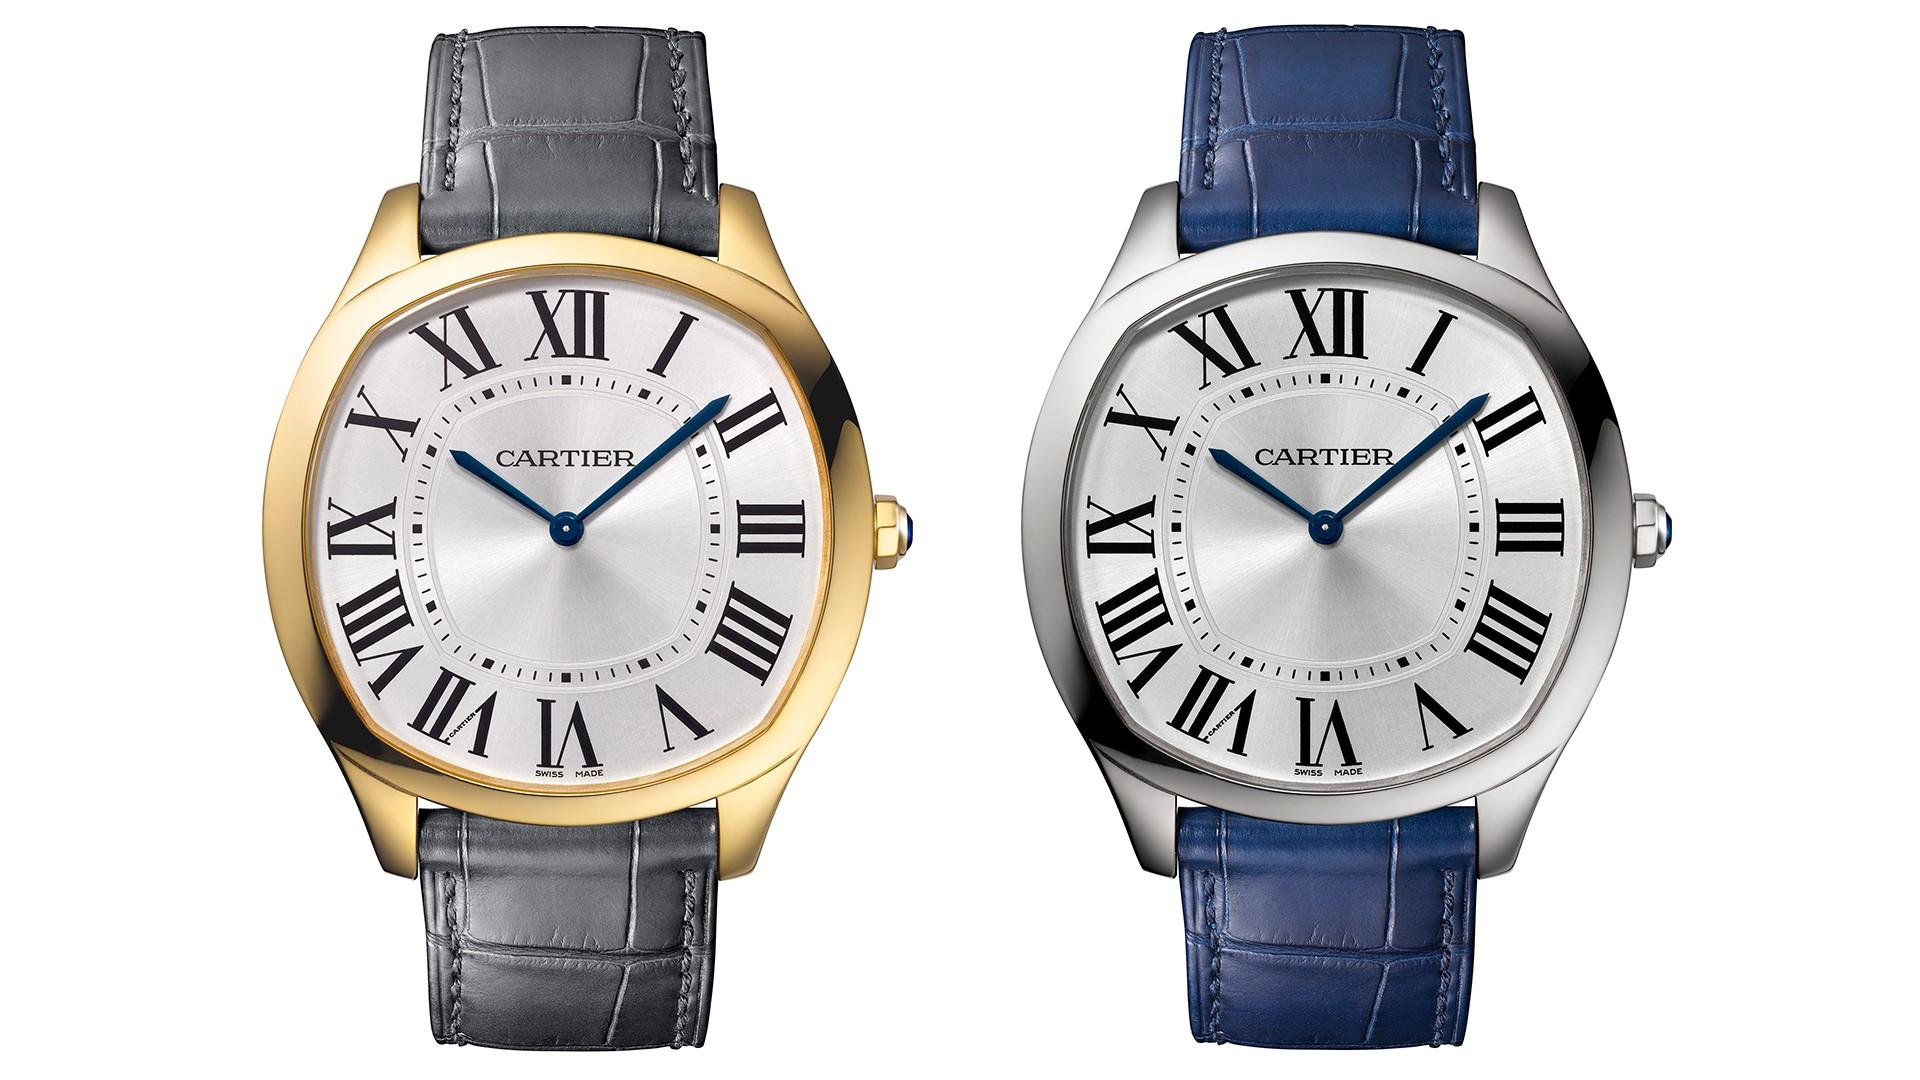 Cartier Drive de Cartier Extra Flat steel watch, SIHH 2018